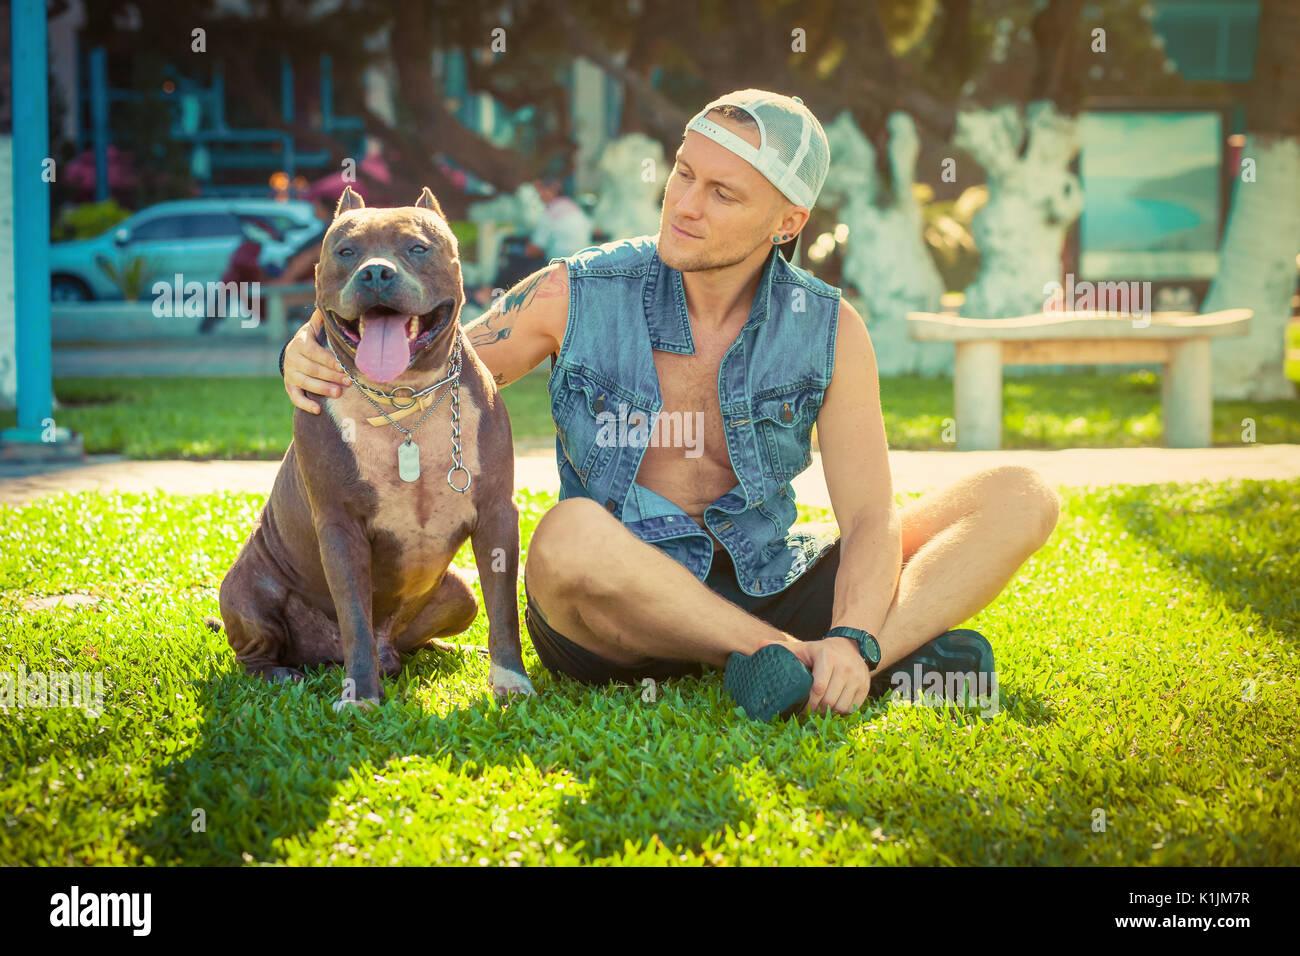 Uomo e cane american pit bull terrier di relax presso il parco abbracciando e abbracciando Immagini Stock